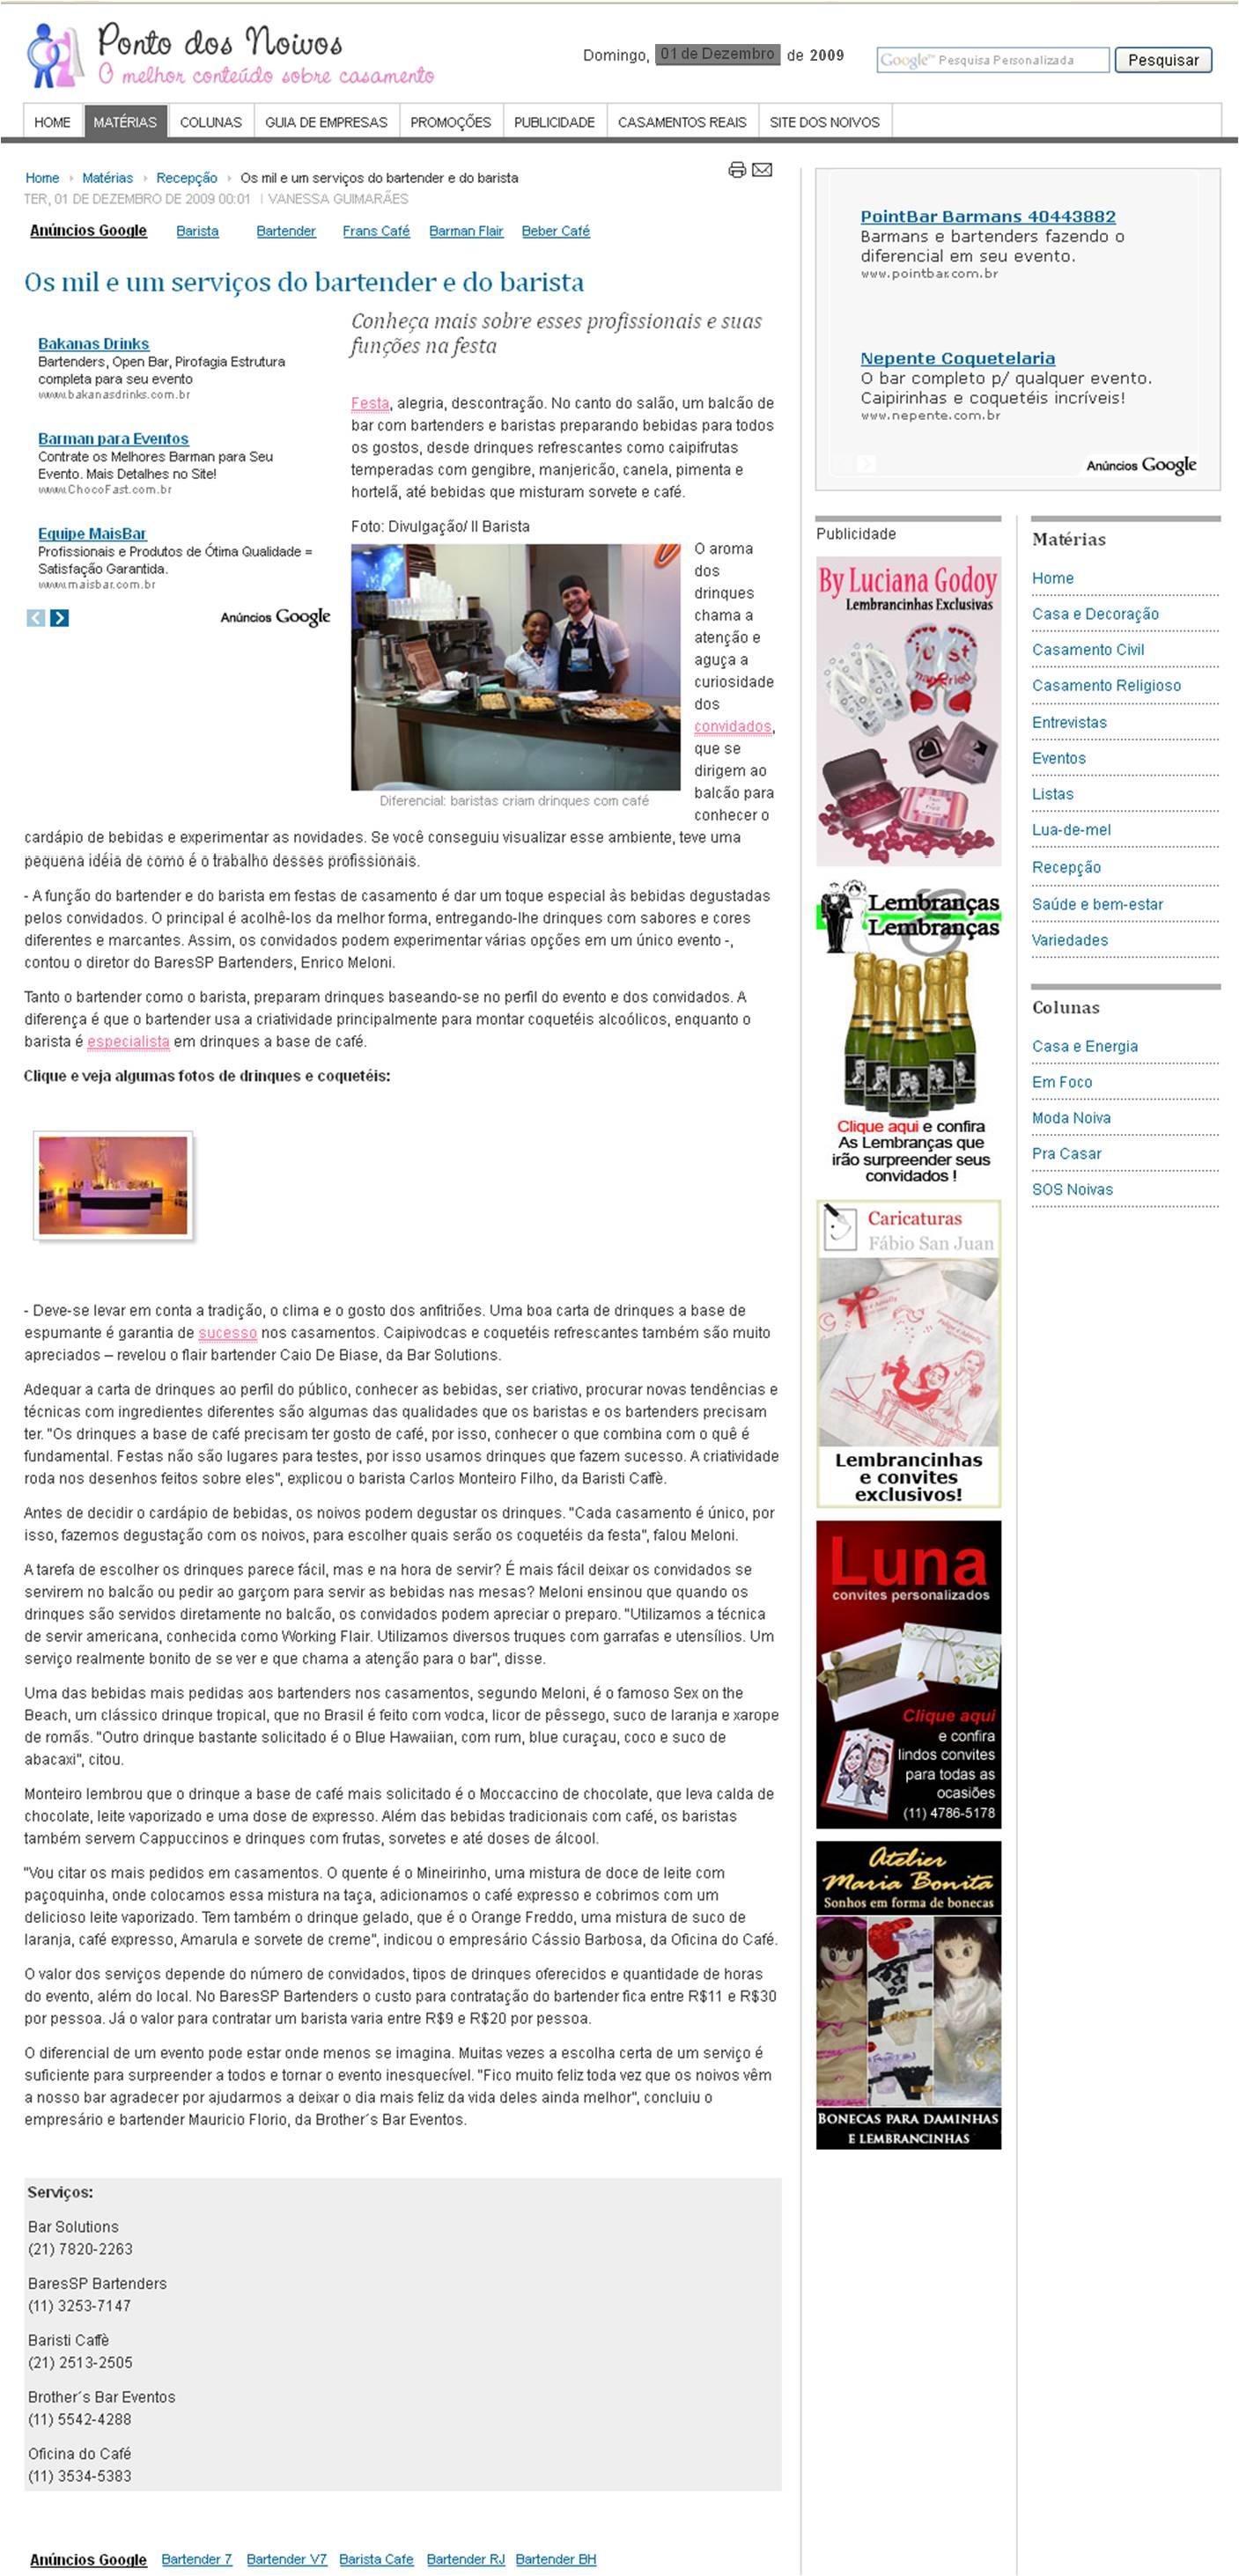 Matéria sobre bartenders e baristas no site Ponto dos Noivos BaresSP image